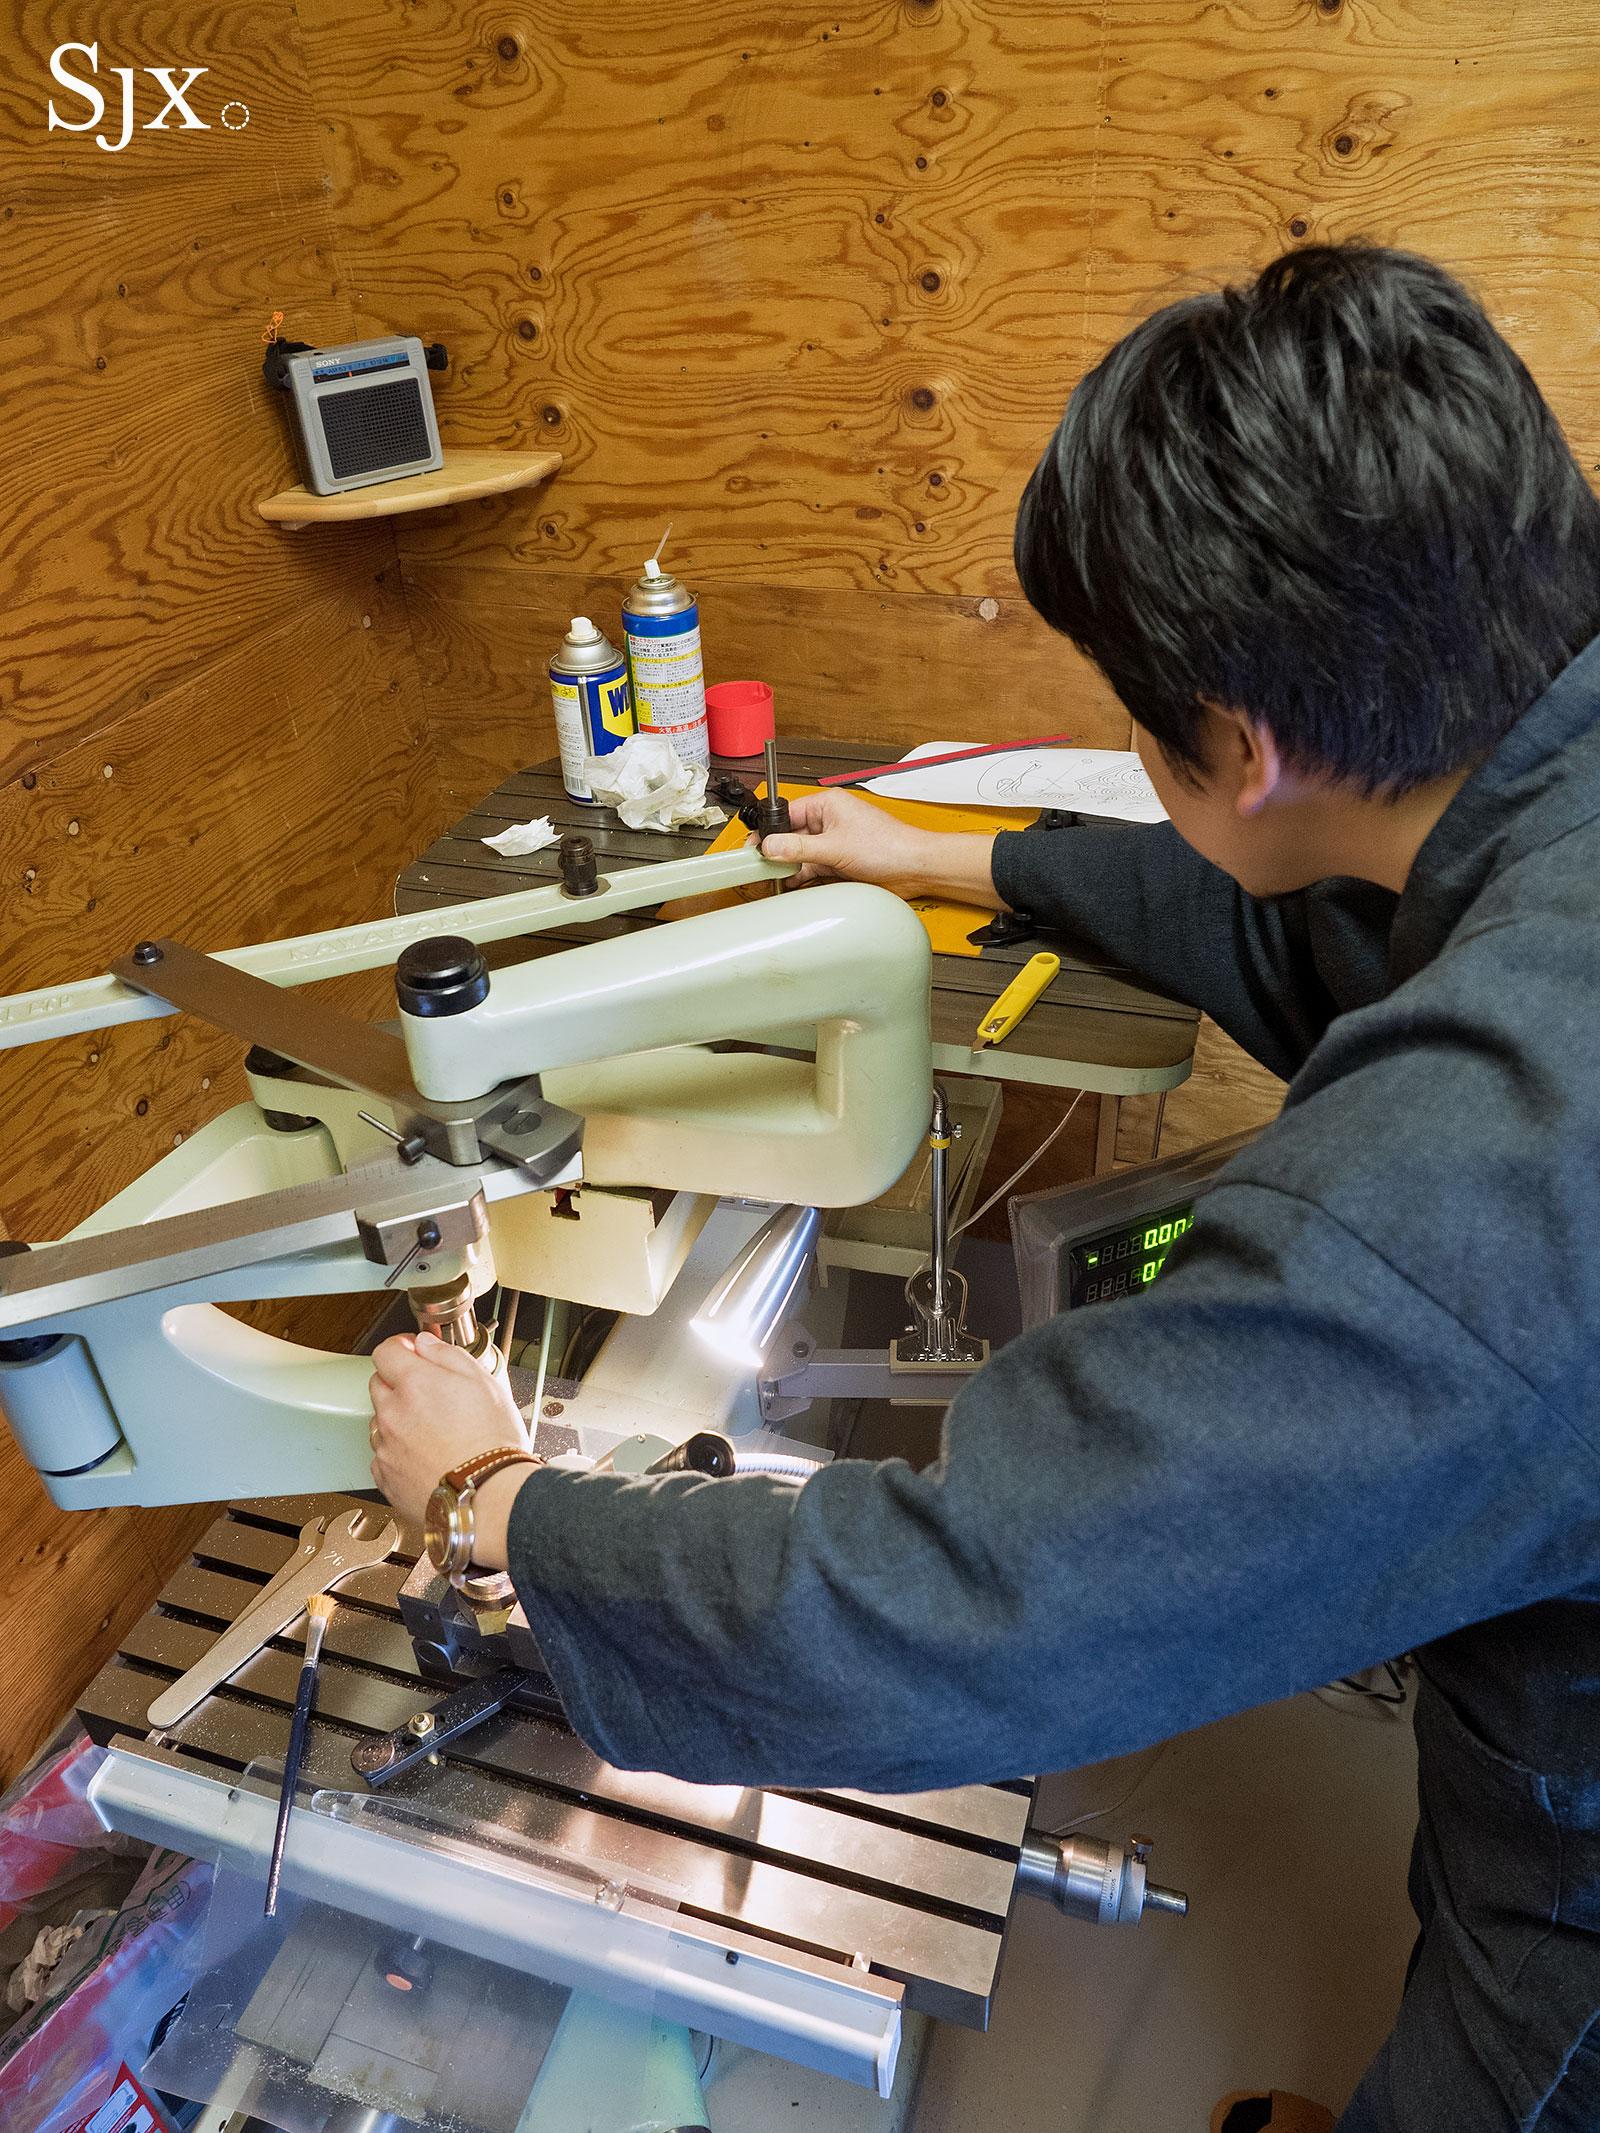 Masahiro Kikuno Japanese watchmaker 21